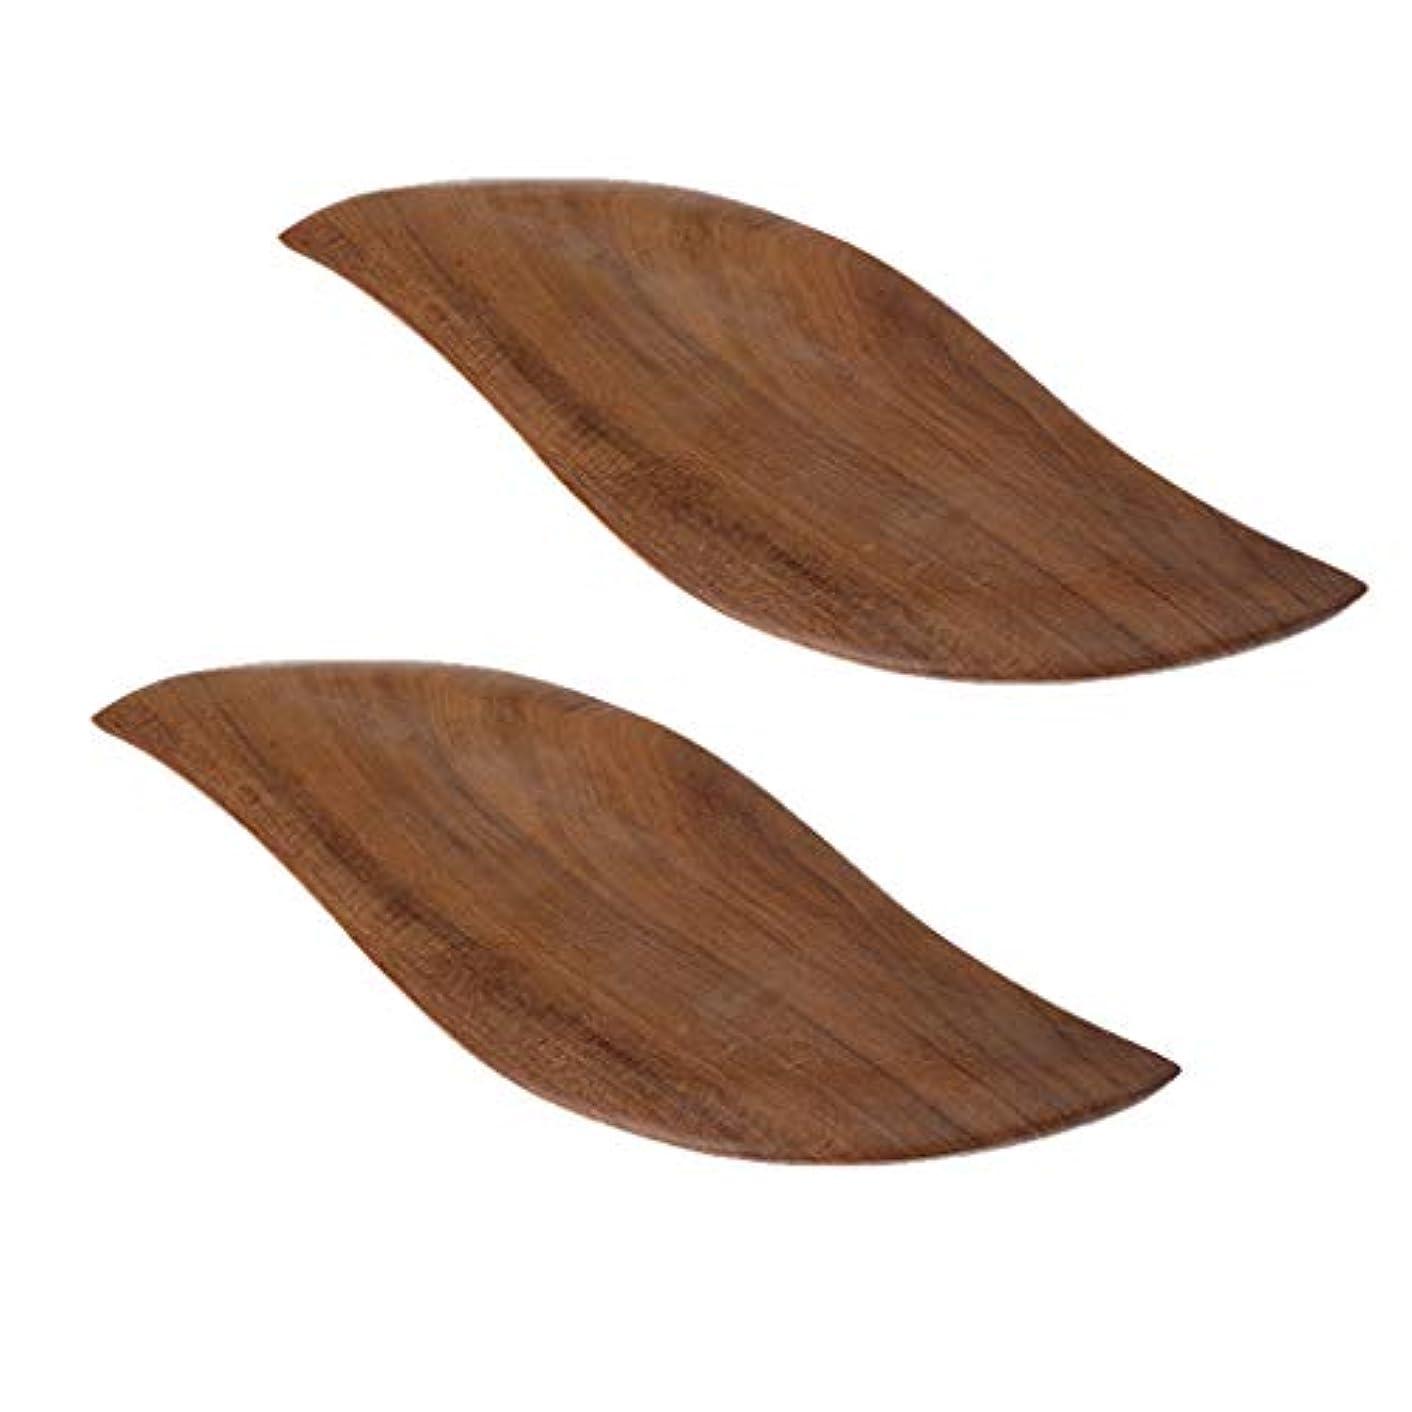 優先焦げ句Baoblaze 2枚 かっさプレート フェイスケア ボディーケア リラックス ツボ押し 木製